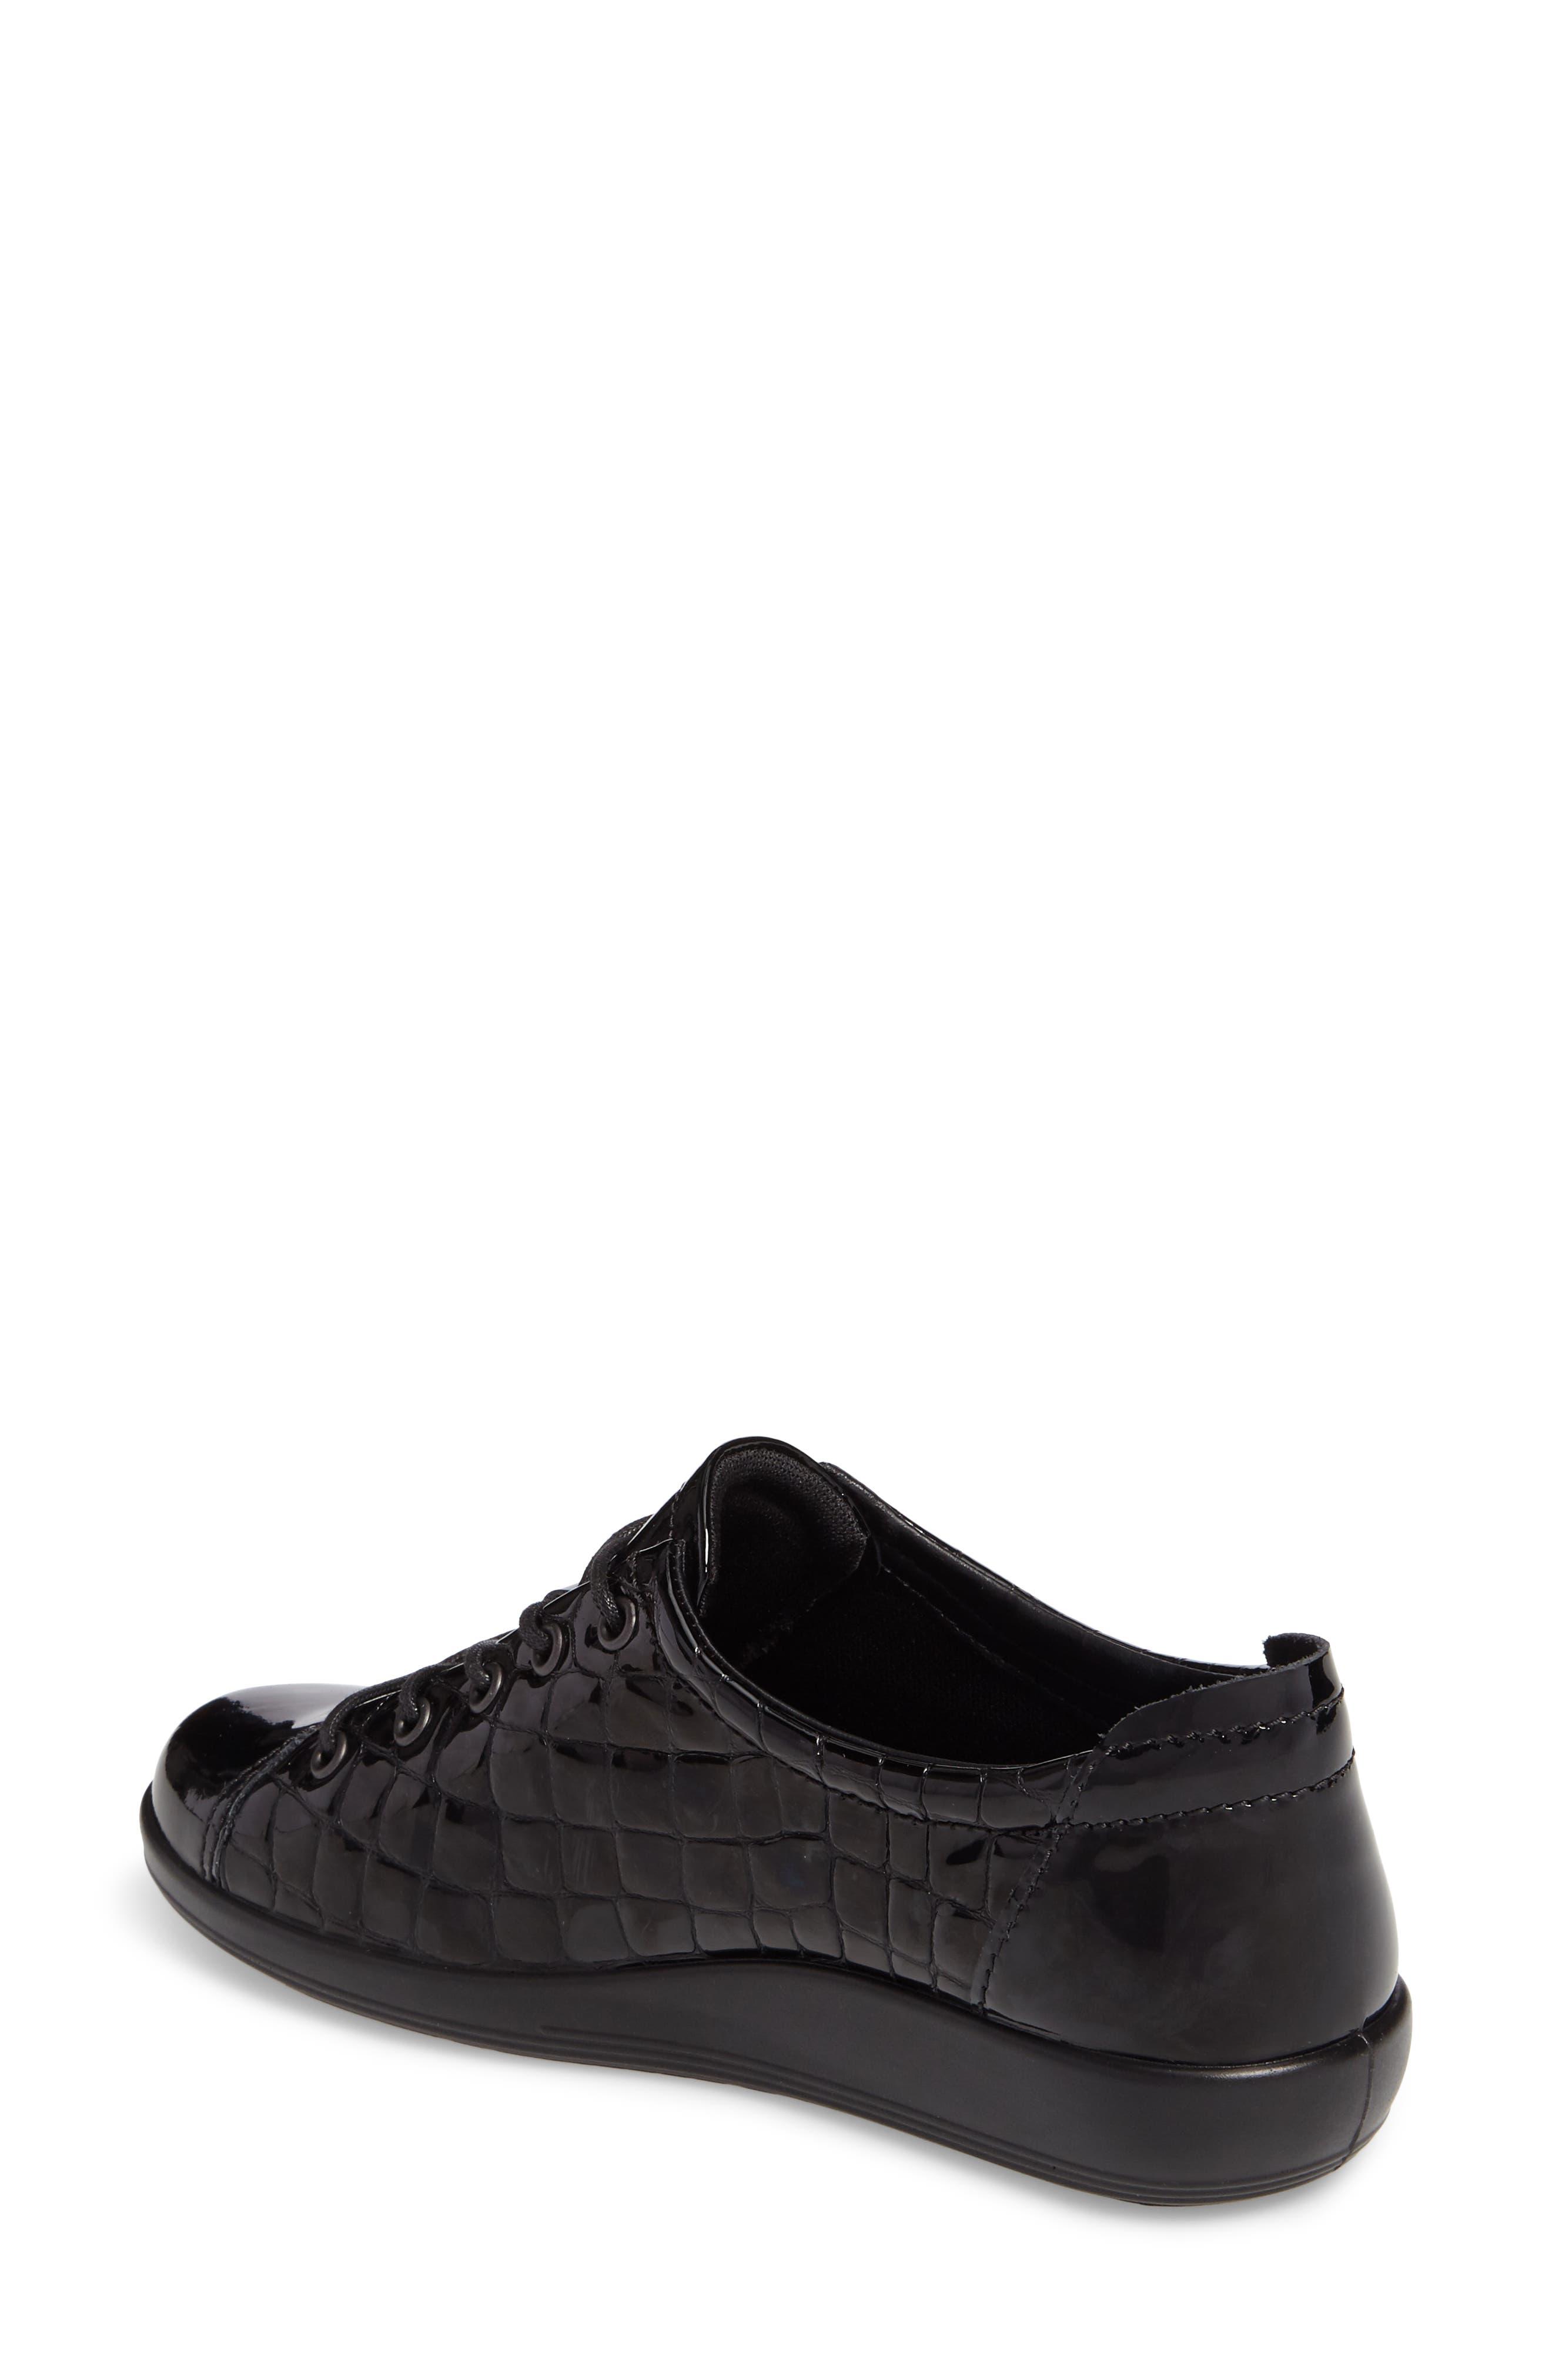 'Soft 2.0' Sneaker,                             Alternate thumbnail 2, color,                             019